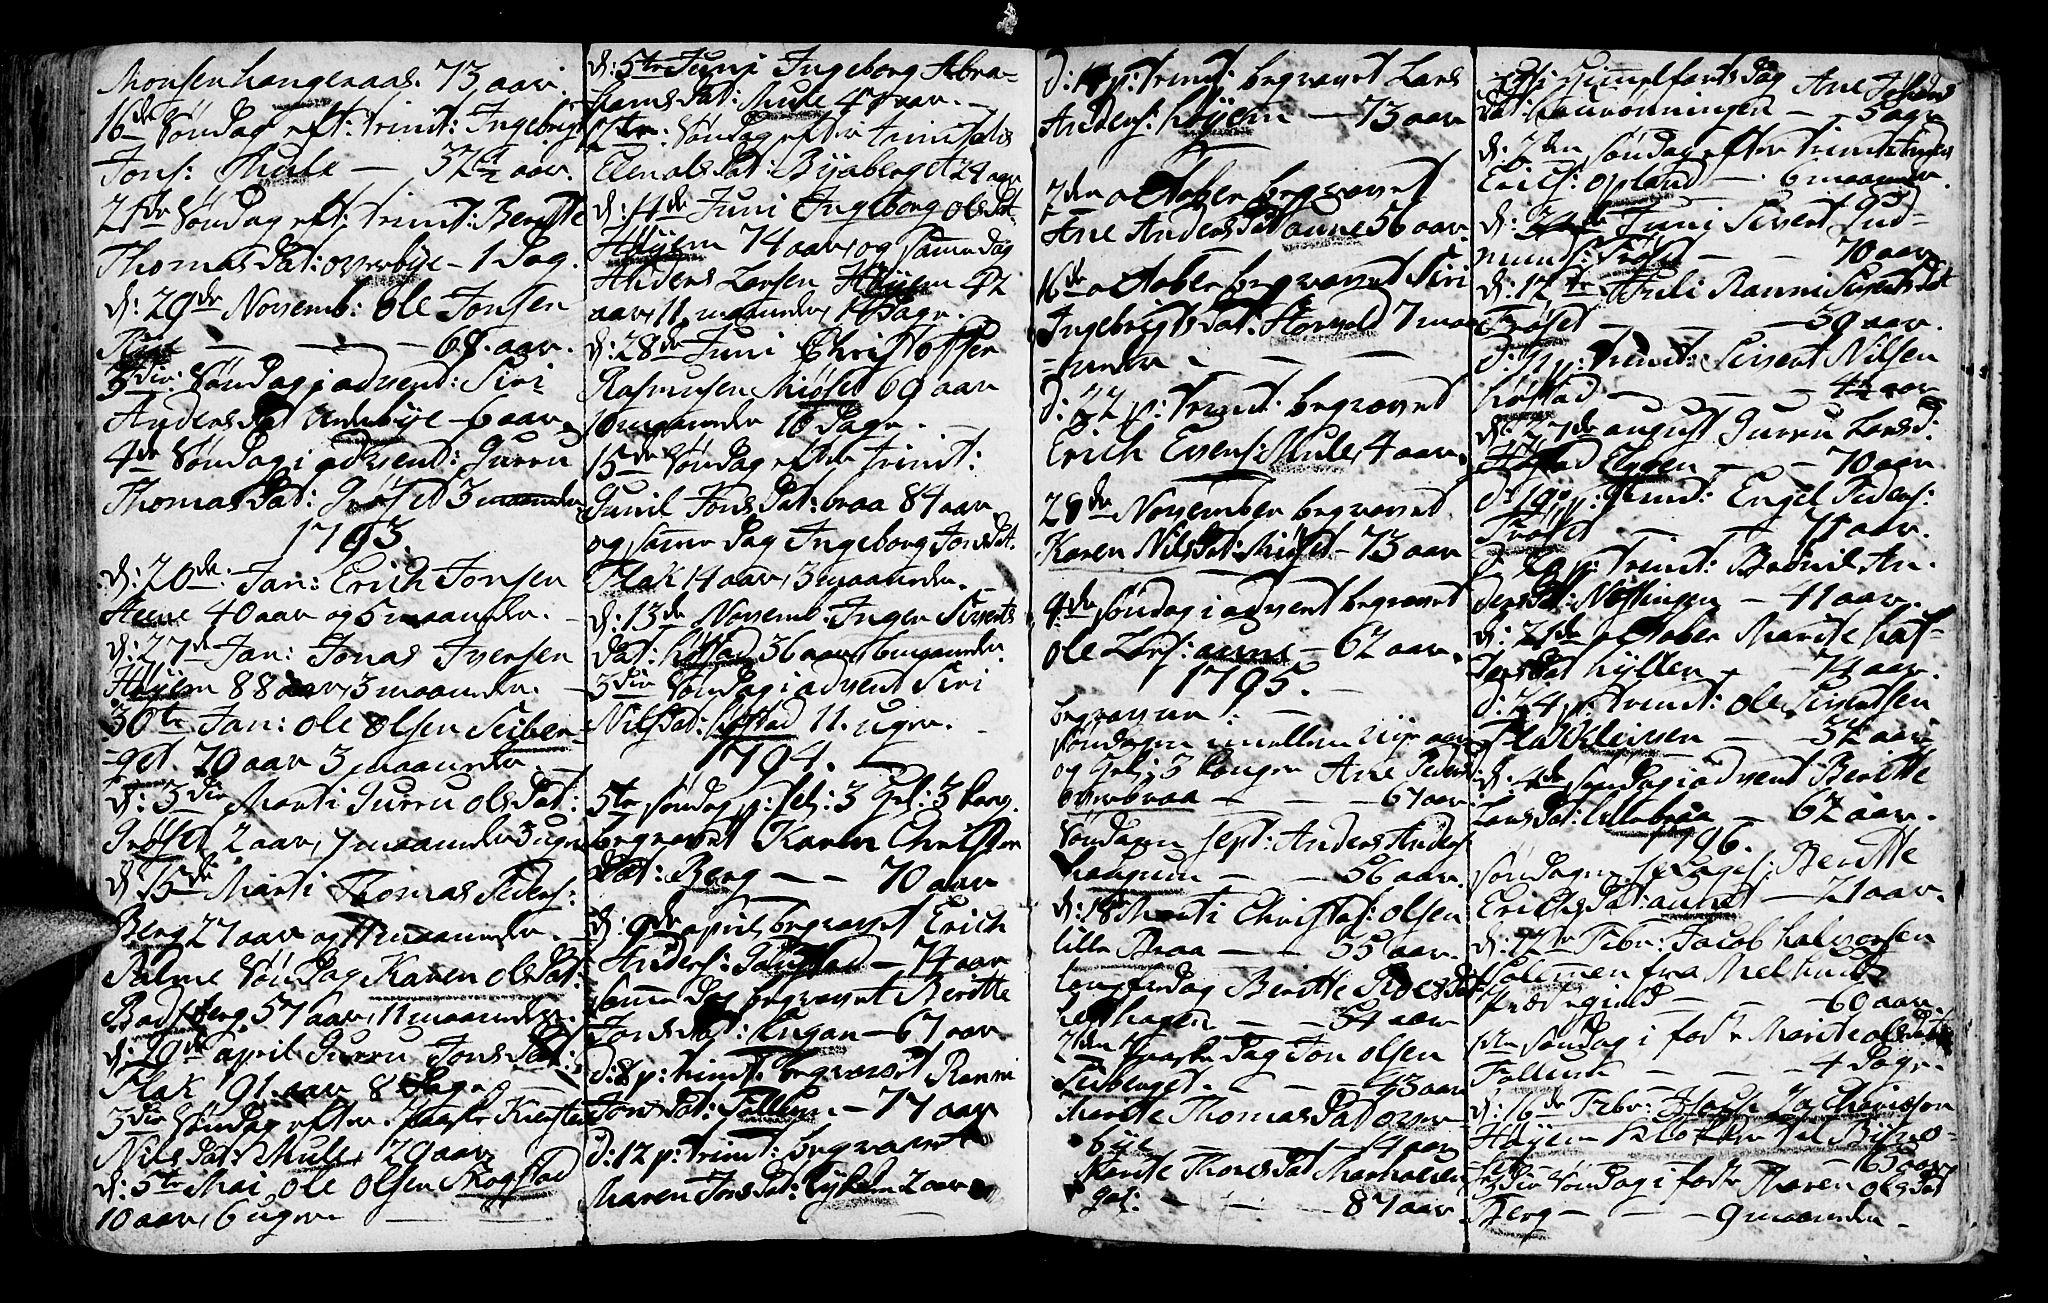 SAT, Ministerialprotokoller, klokkerbøker og fødselsregistre - Sør-Trøndelag, 612/L0370: Ministerialbok nr. 612A04, 1754-1802, s. 159